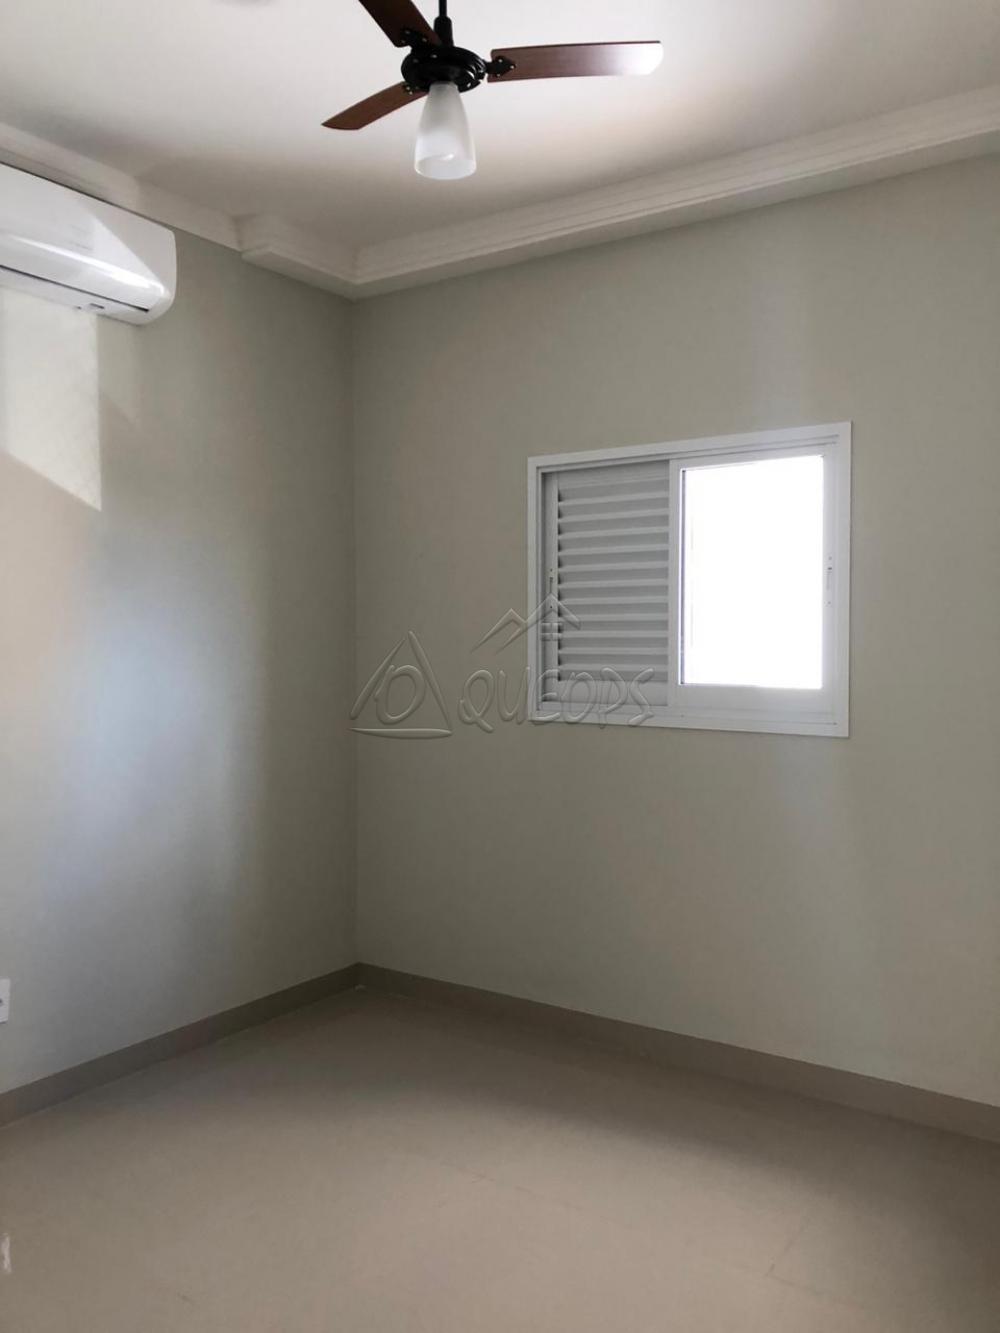 Alugar Apartamento / Padrão em Barretos apenas R$ 2.500,00 - Foto 5